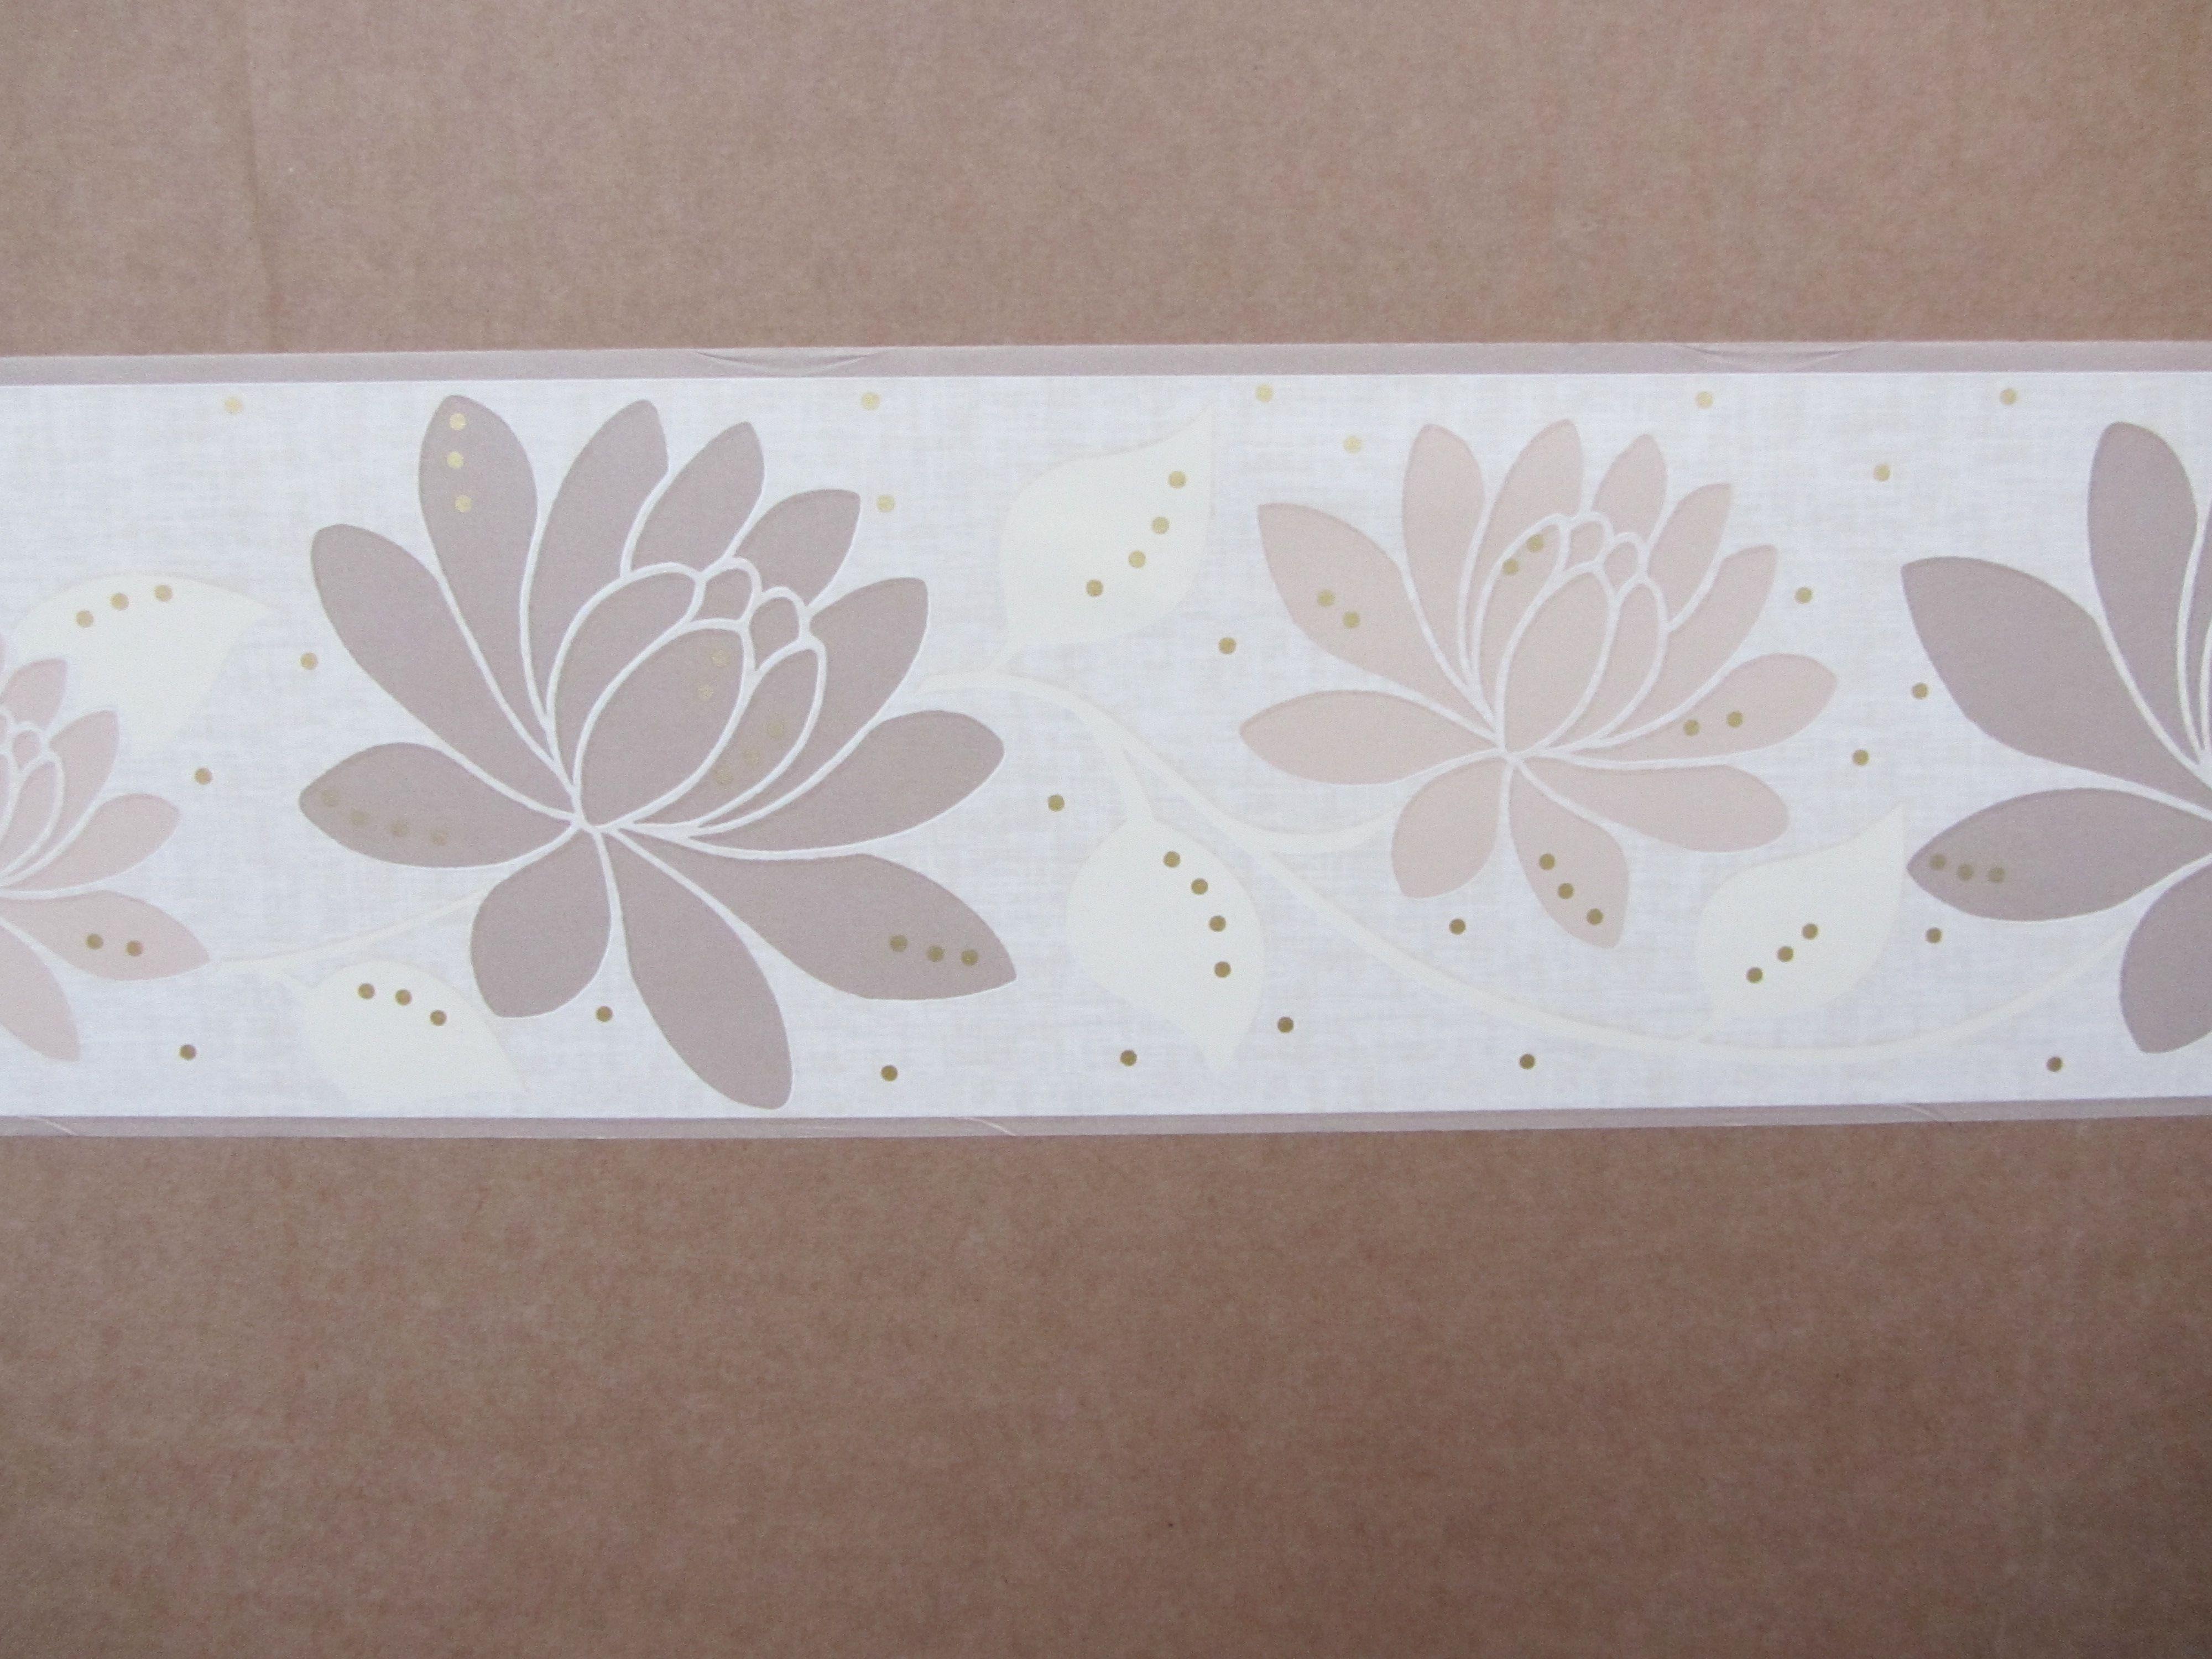 Modern Wallpaper Borders 2015 Grasscloth Wallpaper Modern Wallpaper Grasscloth Wallpaper Embossed Wallpaper